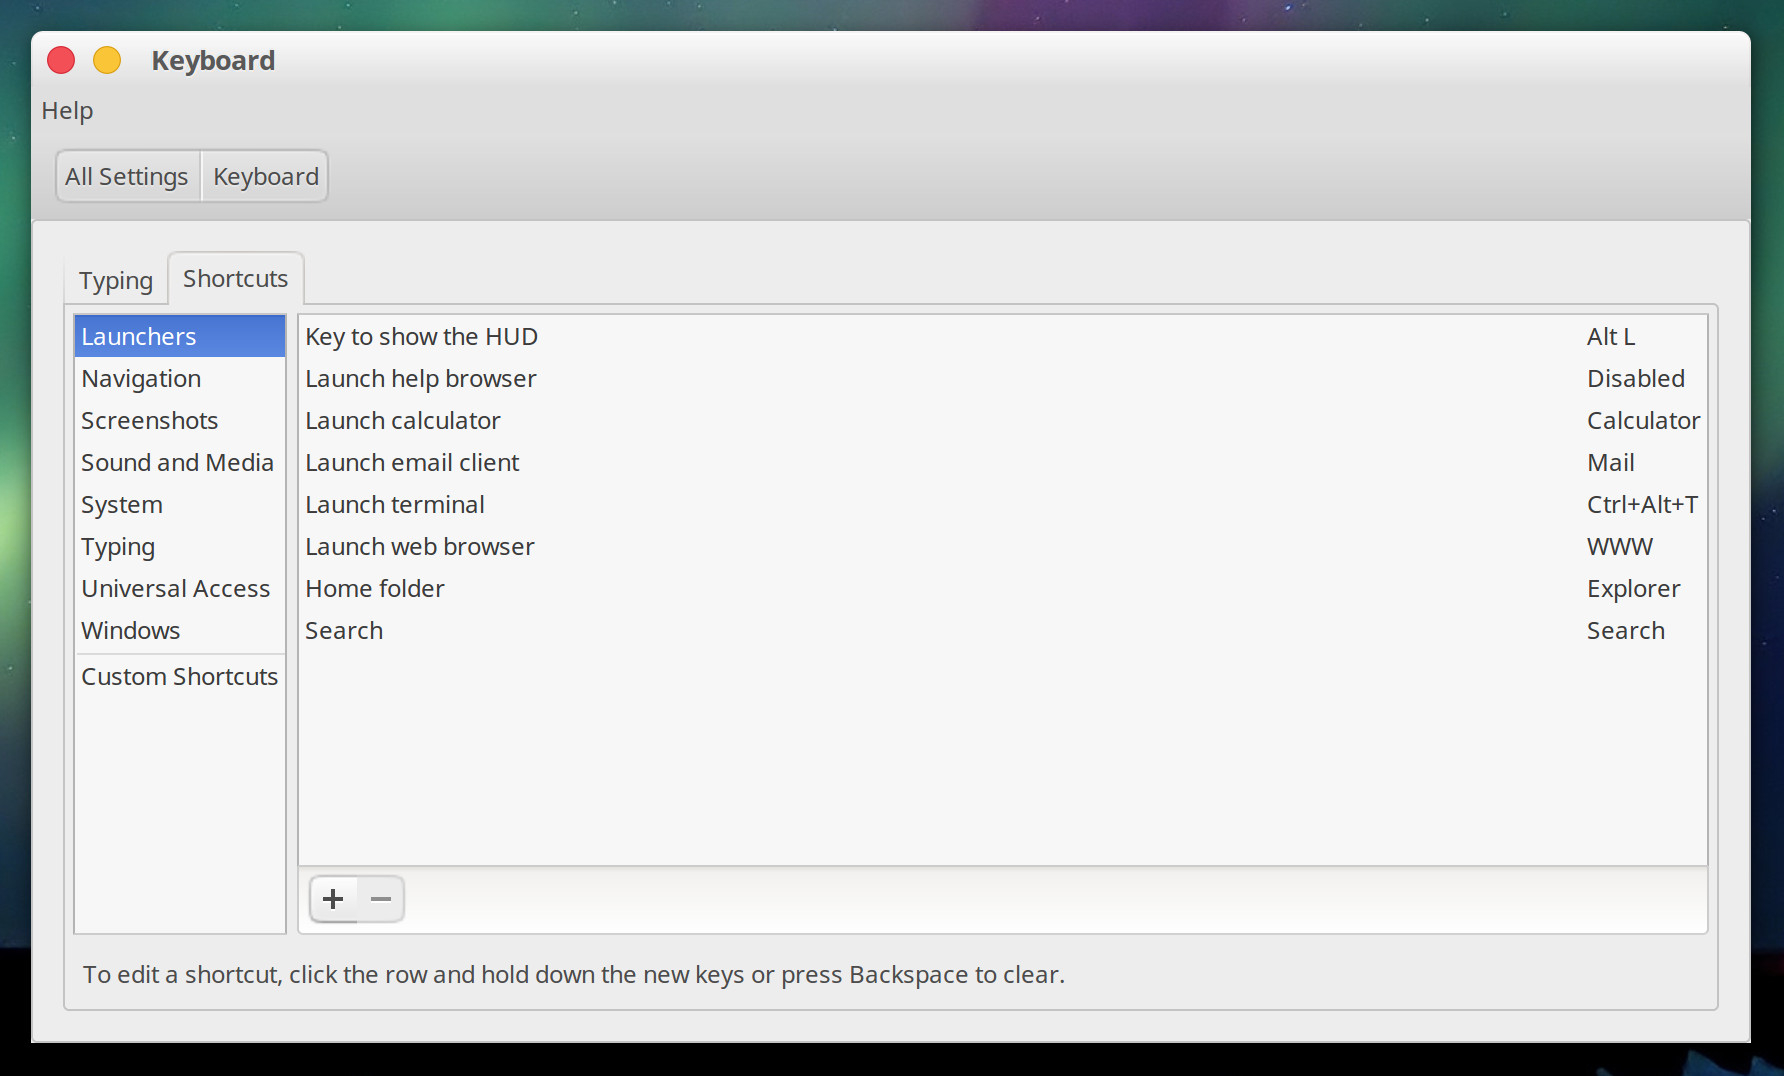 Ubuntu's Keyboard settings dialog showing shortcuts